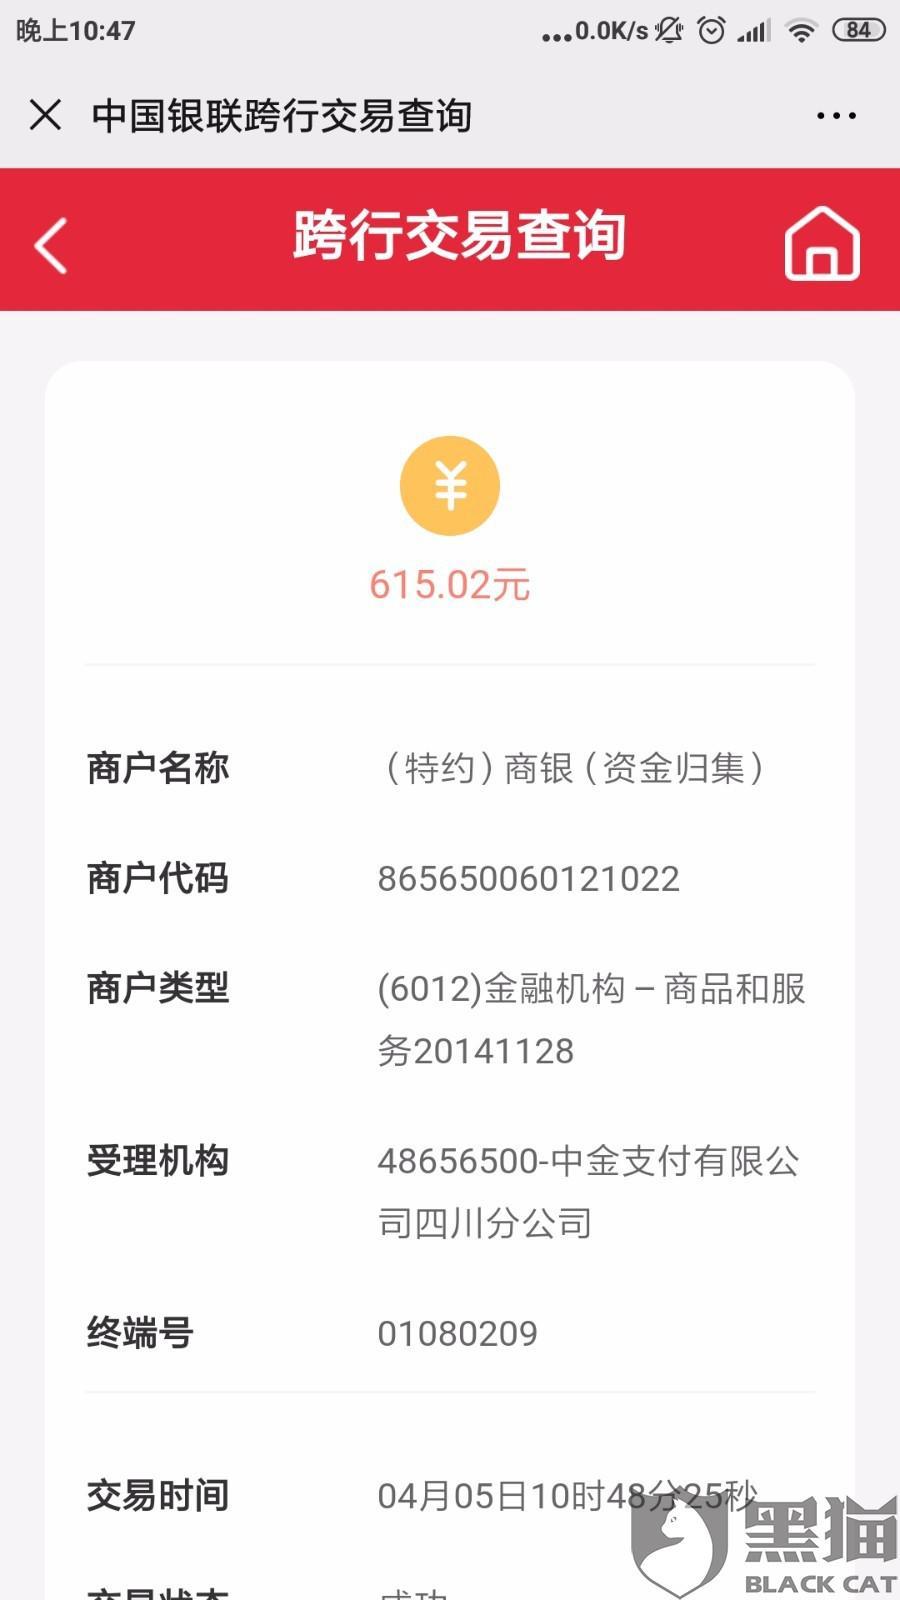 黑猫投诉:中金支付有限公司四川分公司盗刷本人账户